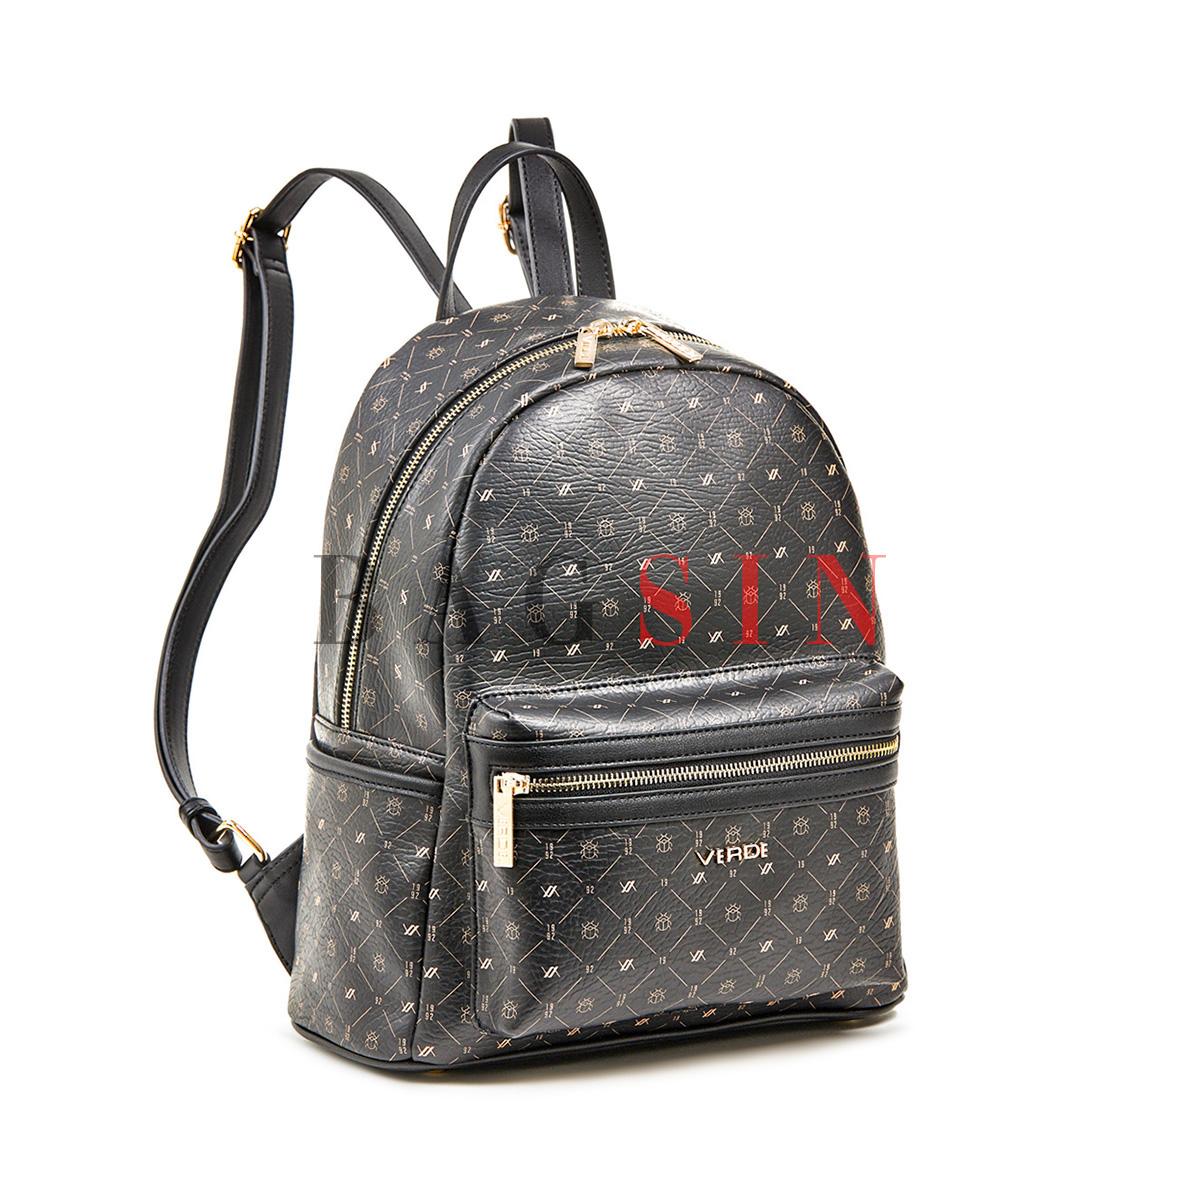 Σακίδιο Πλάτης Με Λογότυπο Verde Backpack 16-6011 Μαύρο